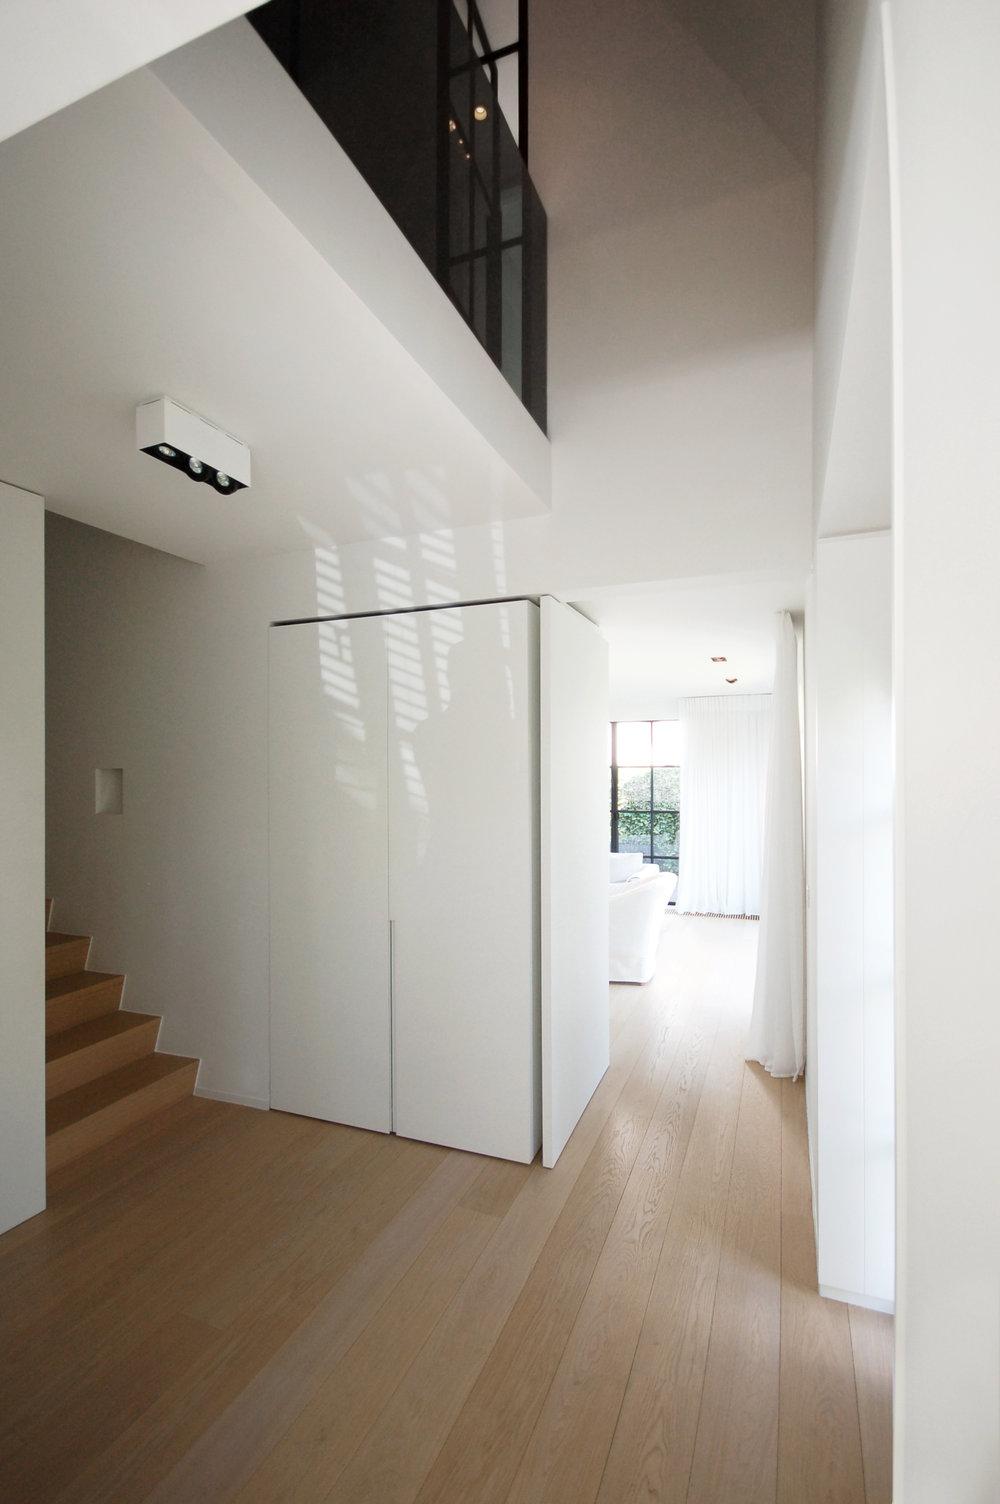 demeestervliegen-architecture-interior-interiorarchitecture-office30.jpg